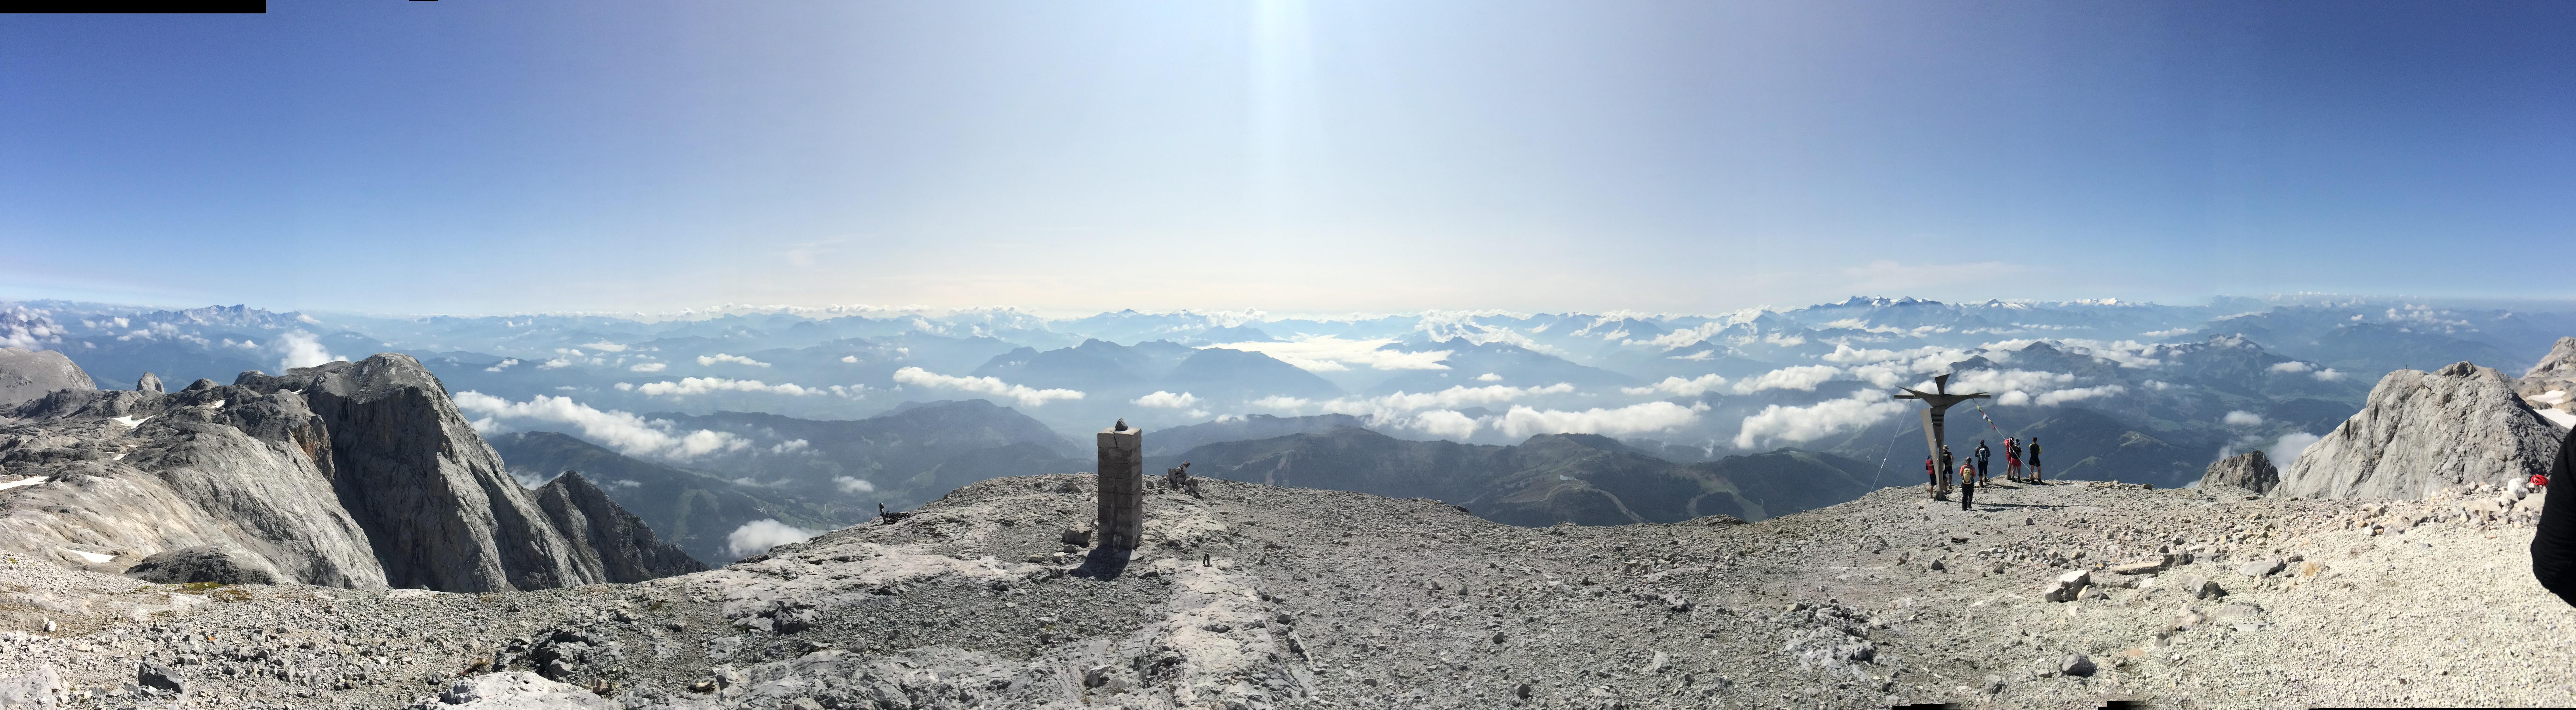 Nach einer langen Wanderung am Gipfel des Hochkönigs